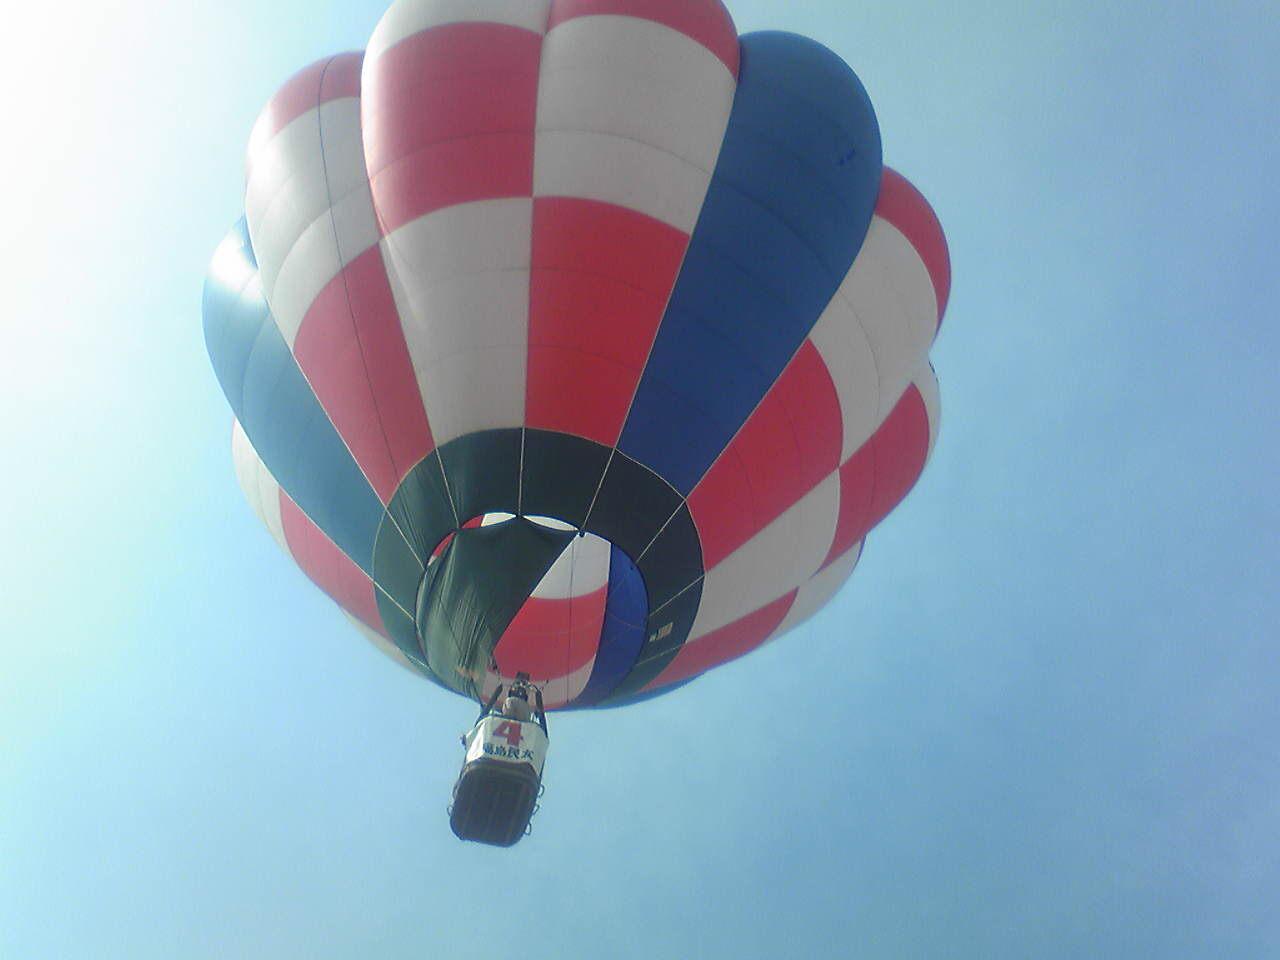 うちの気球が今飛んで行きました